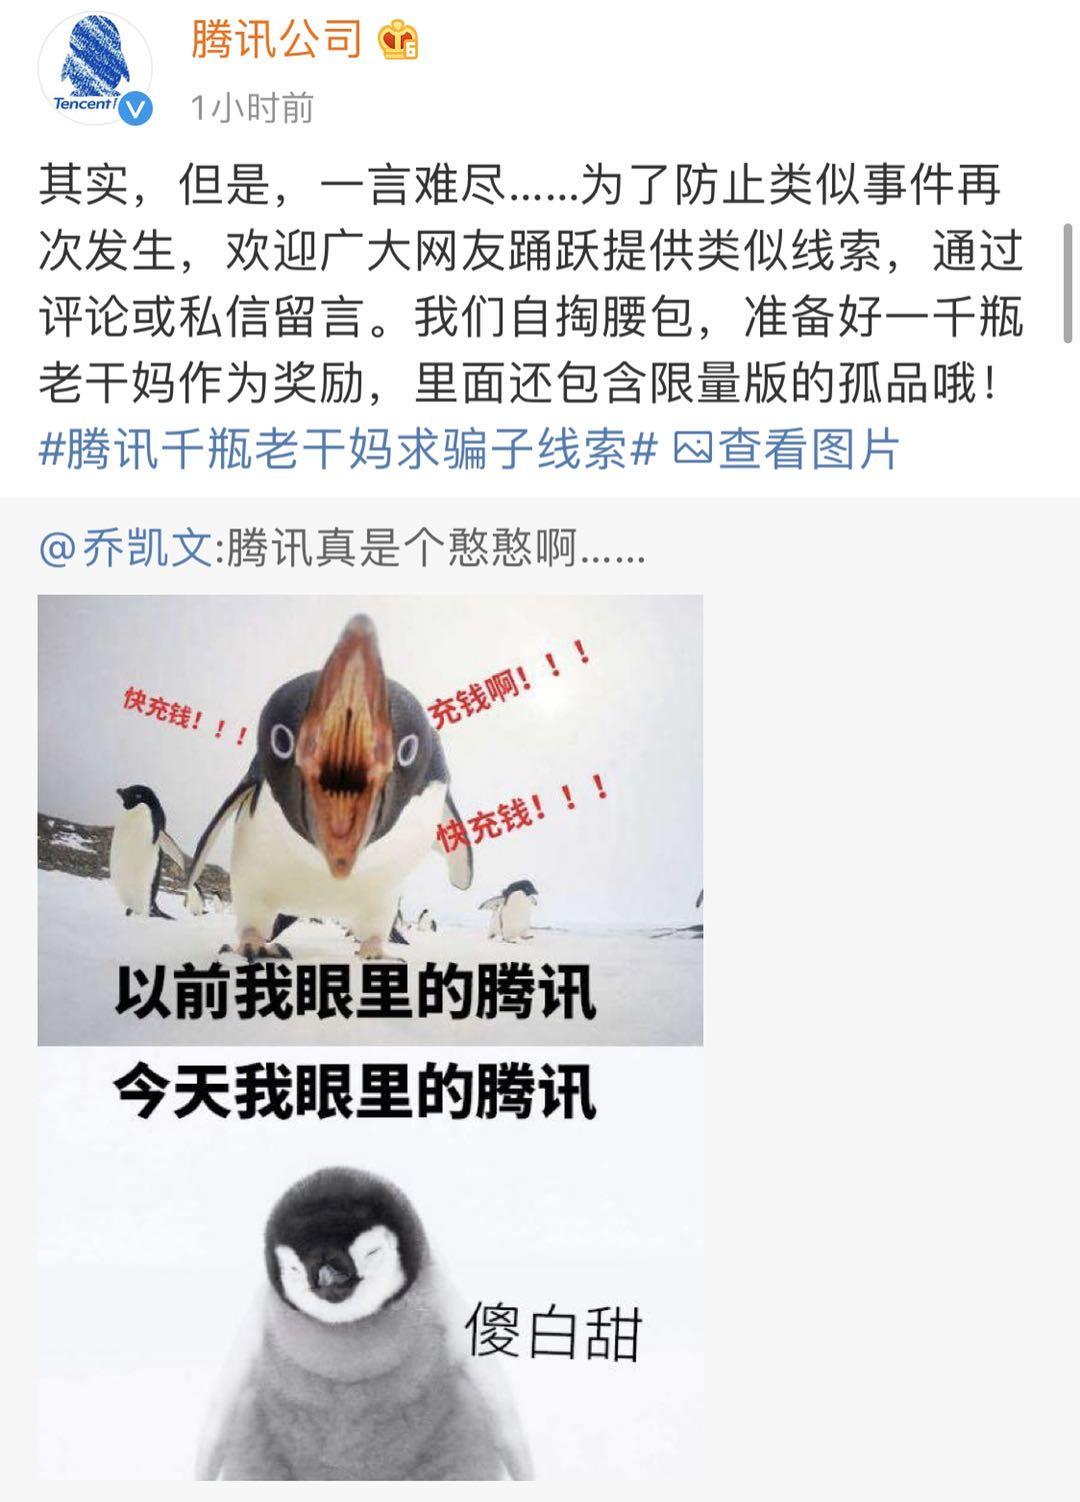 """腾讯在官方微博中回应""""被骗""""一事"""